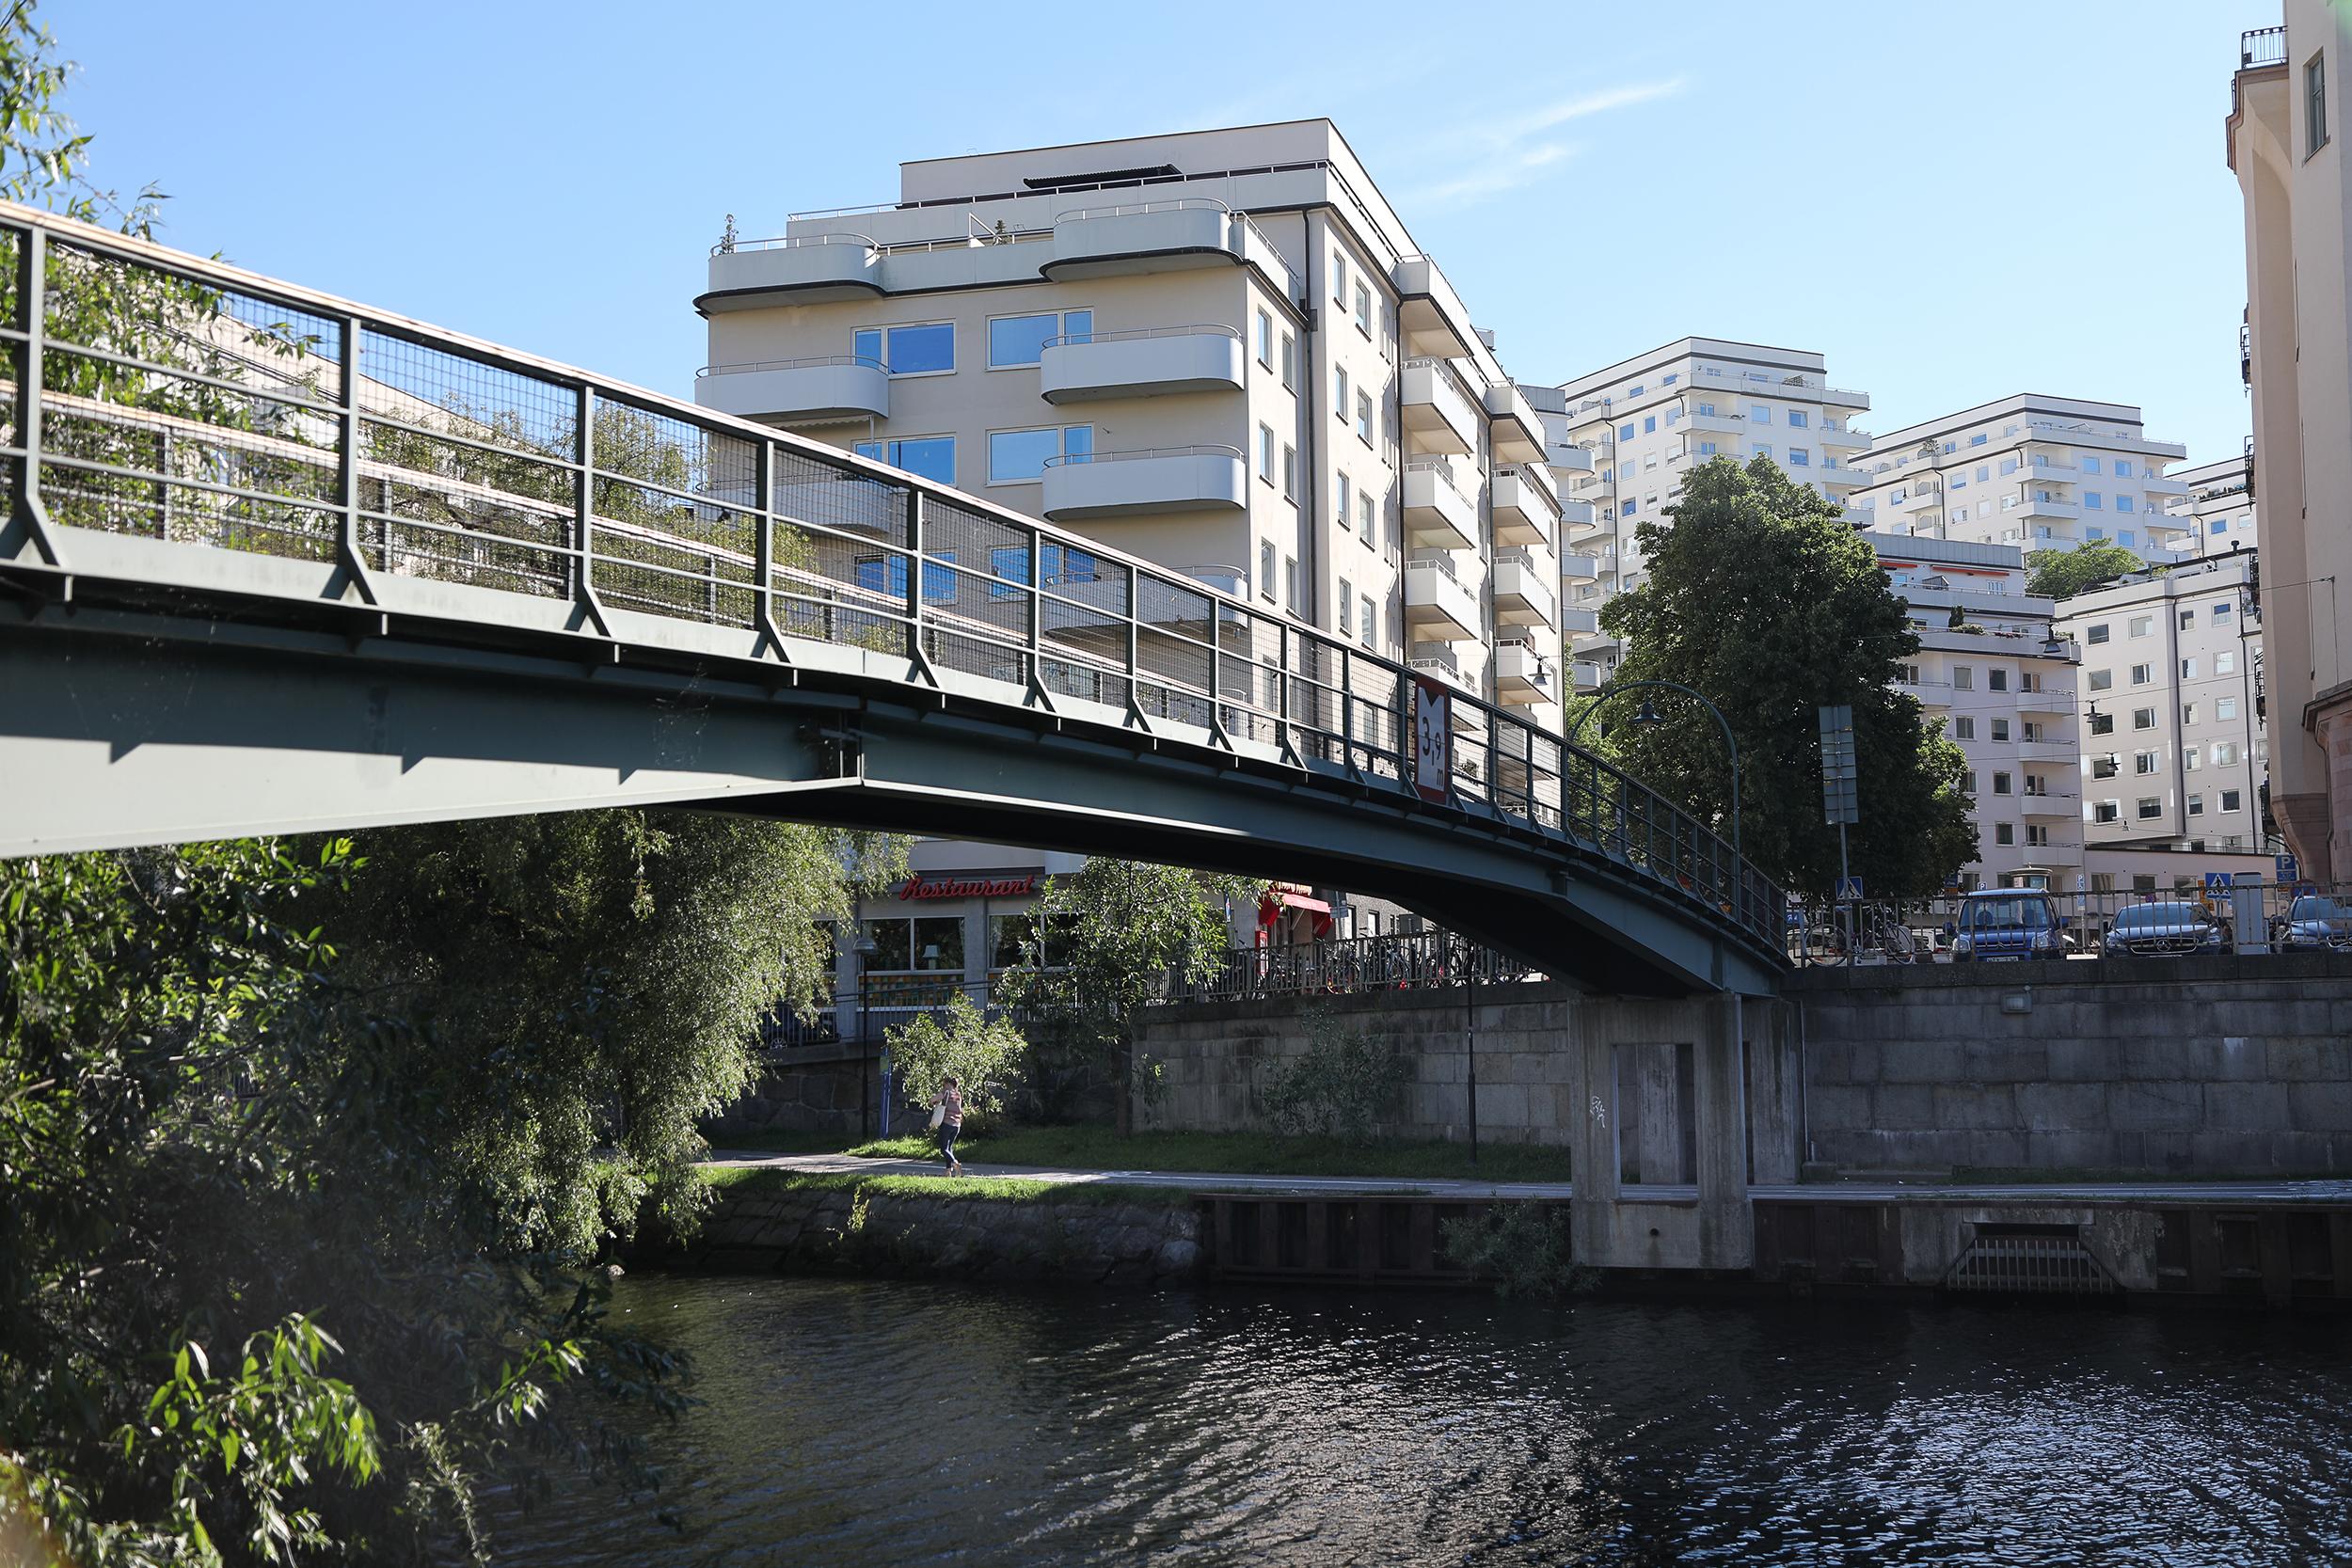 Dagens bridge vem har hogsta kontraktet